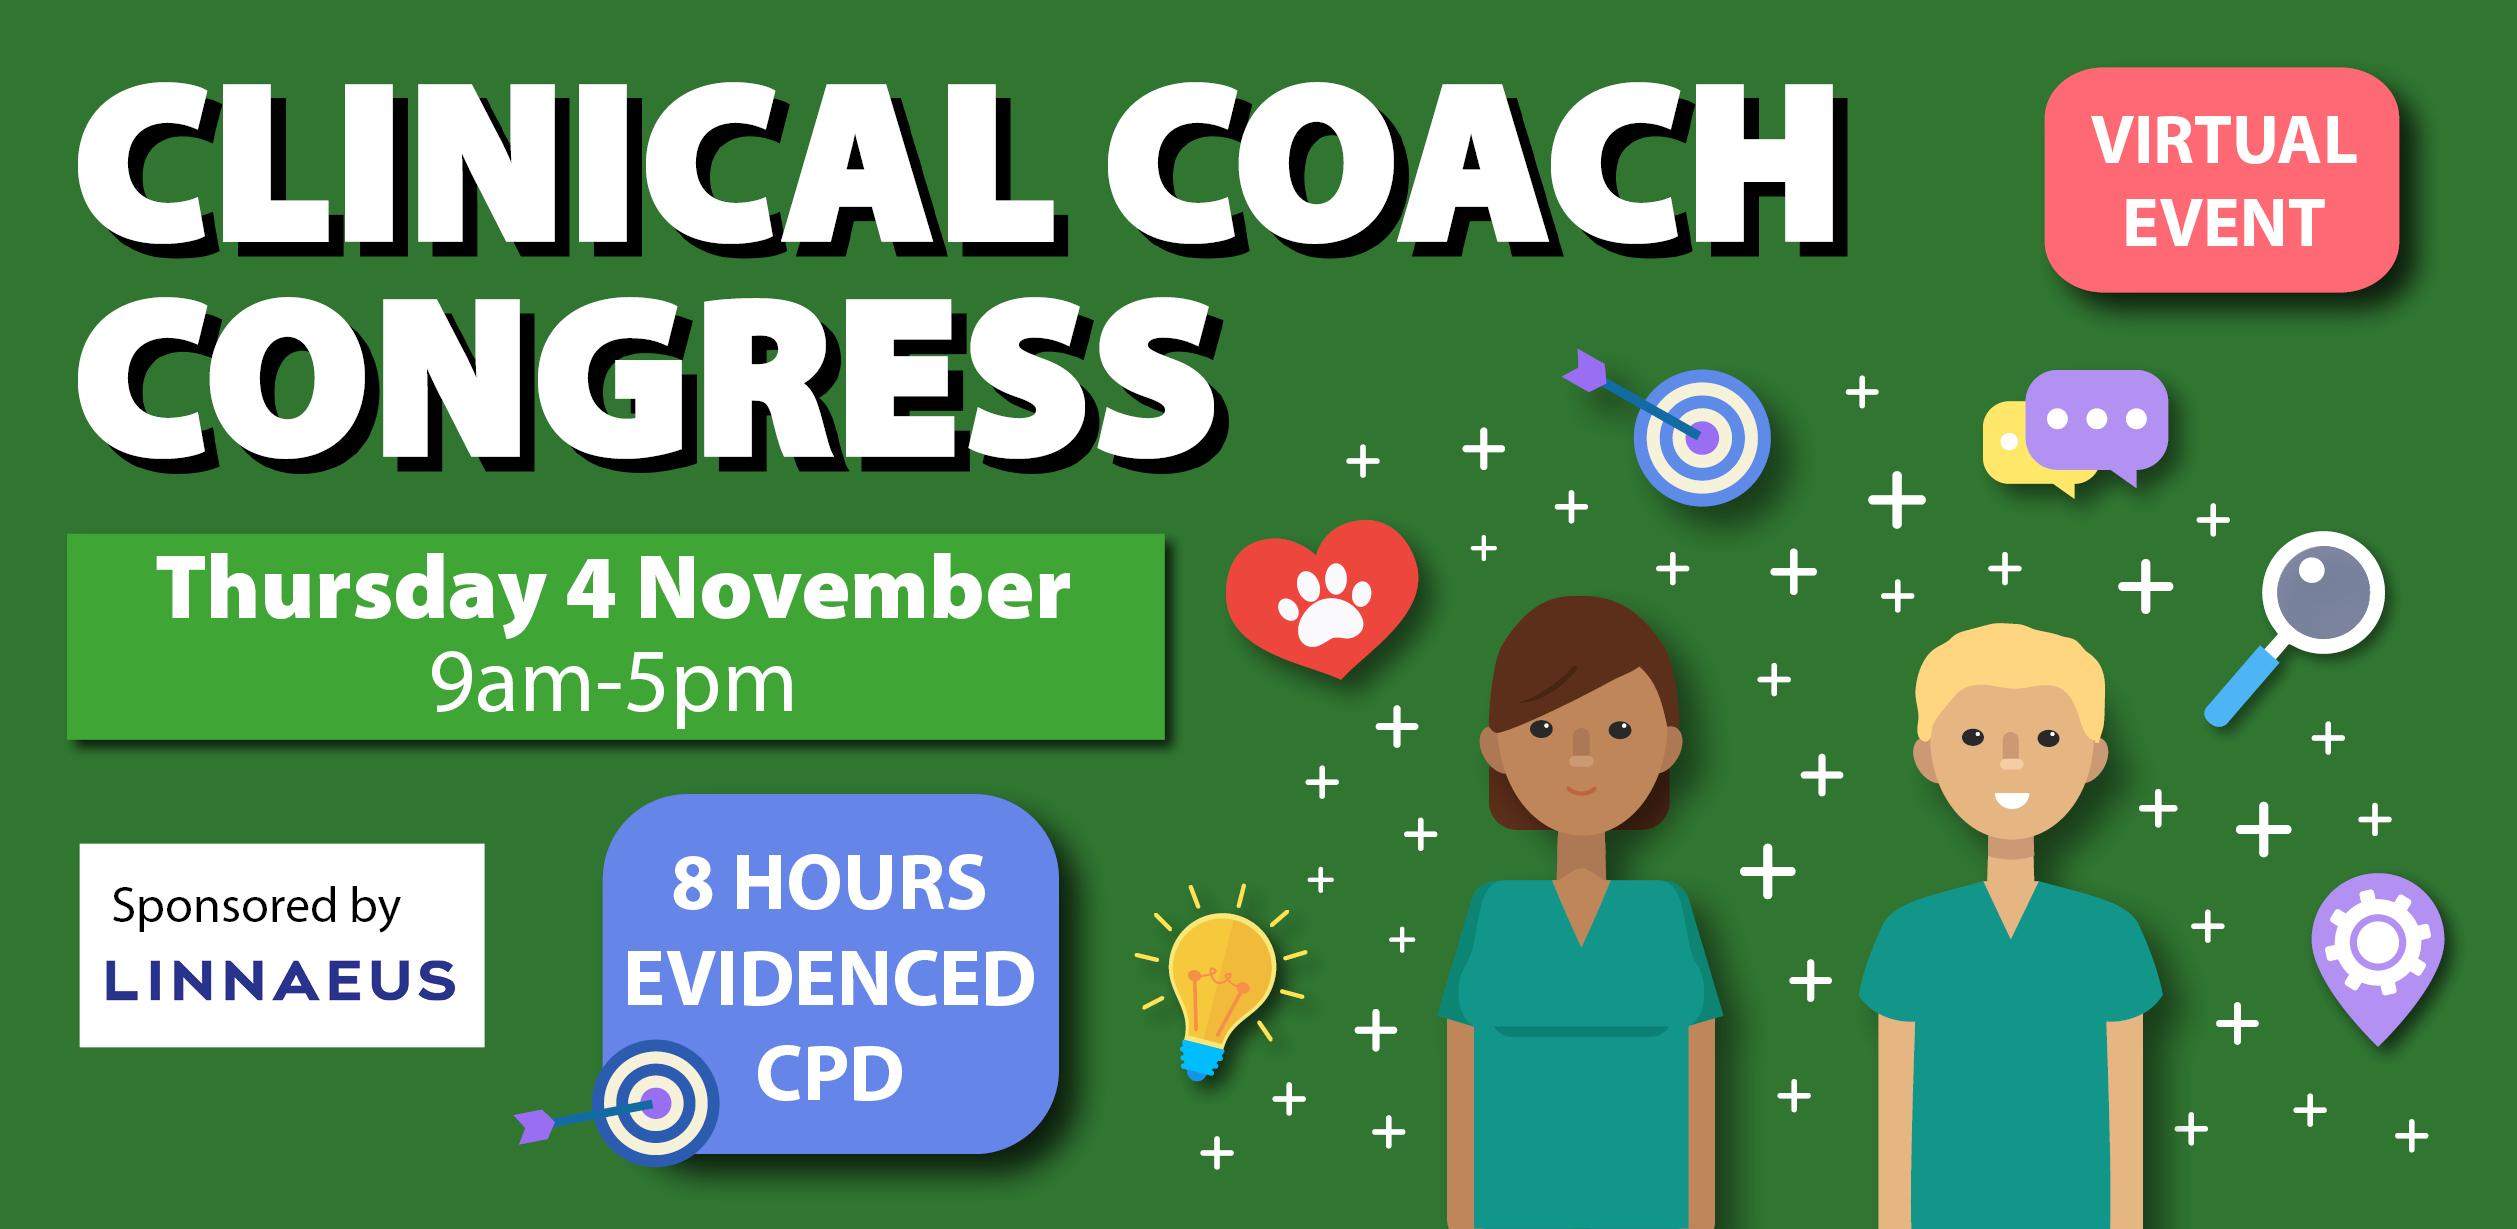 Clinical Coach Congress